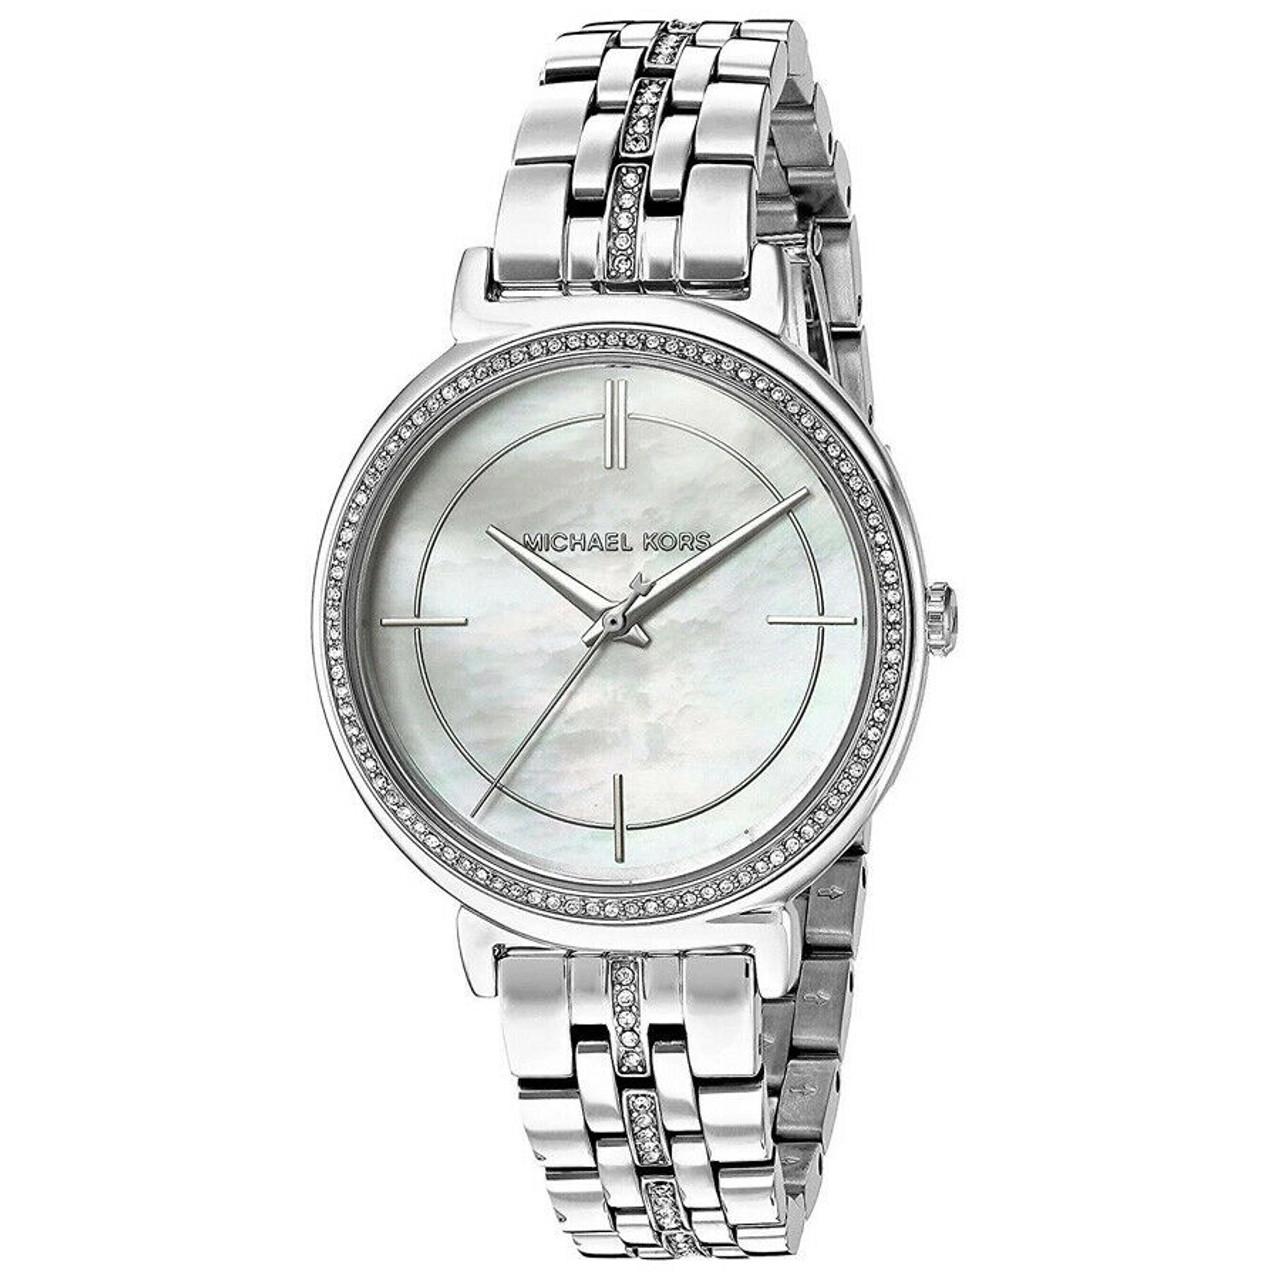 Michael Kors MK3641 Cinthia MOP Crystal Stainless Steel Womens Watch